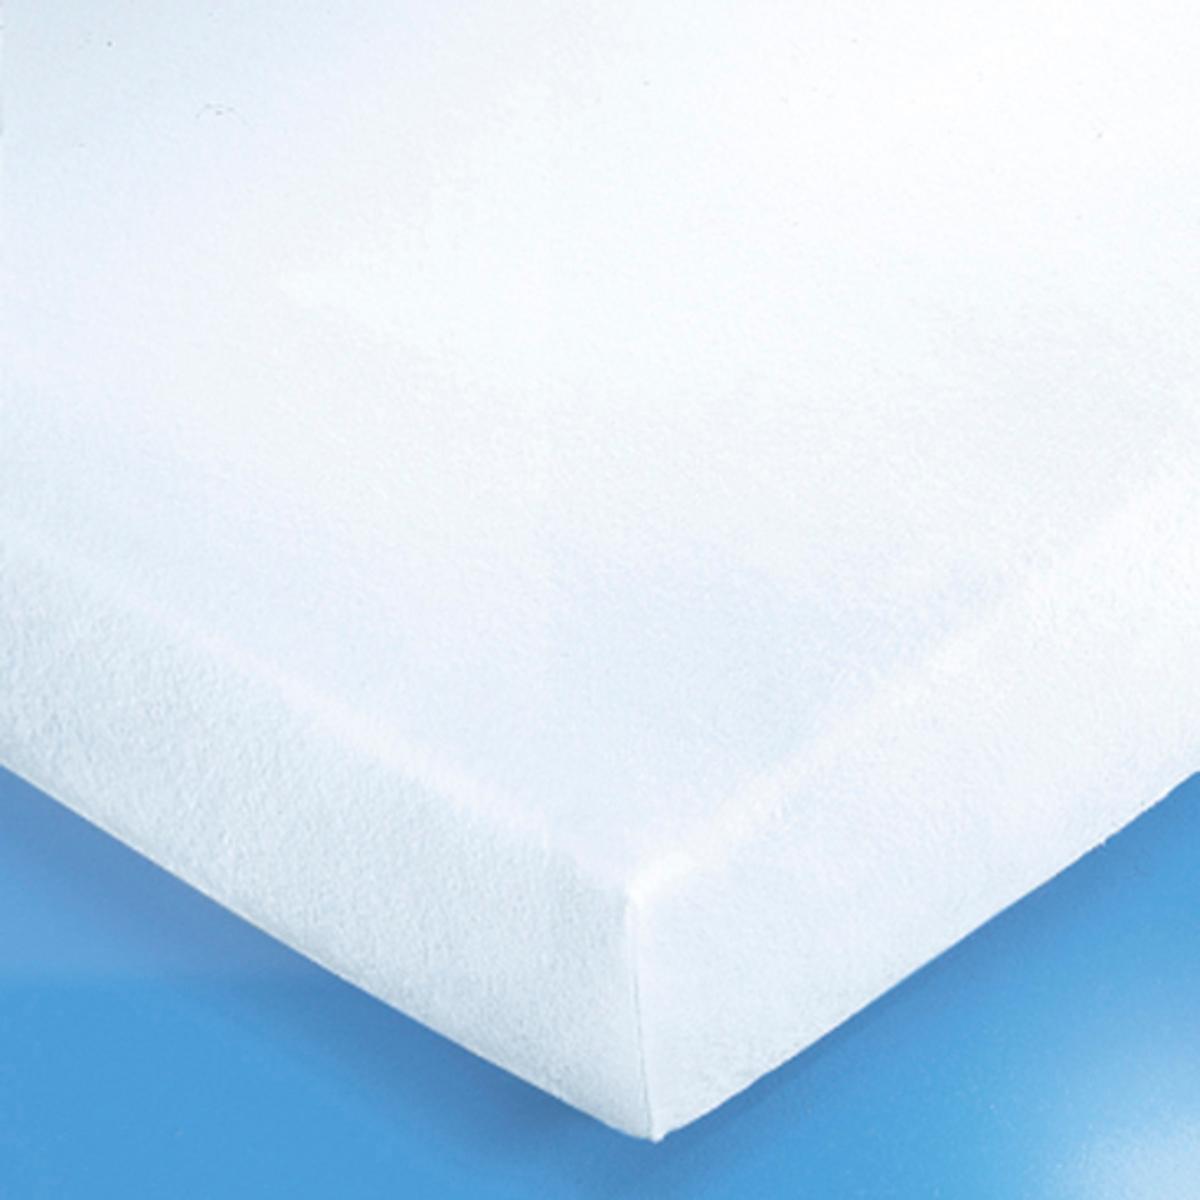 Чехол защитный на матрас из мольтона 220 г/м?Надежная защита для Ваших постельных принадлежностей и уникальный комфорт для Вас: этот чехол поглощает потоотделения, выделение которых неизбежно во время сна, и защищает подушки и одеяла от появления разводов, скапливания бактерий и клещей.Очень удобный и прочный защитный чехол в виде простыни из нежного мольтона, 100% хлопок, (начес с двух сторон). Стирка при 95°С для идеальной гигиены, обработка от усадки ткани SANFOR. Изделие с биоцидной обработкой.Резинка на 4 углах.Качество VALEUR S?RE.<br><br>Цвет: белый<br>Размер: 140 x 200 см